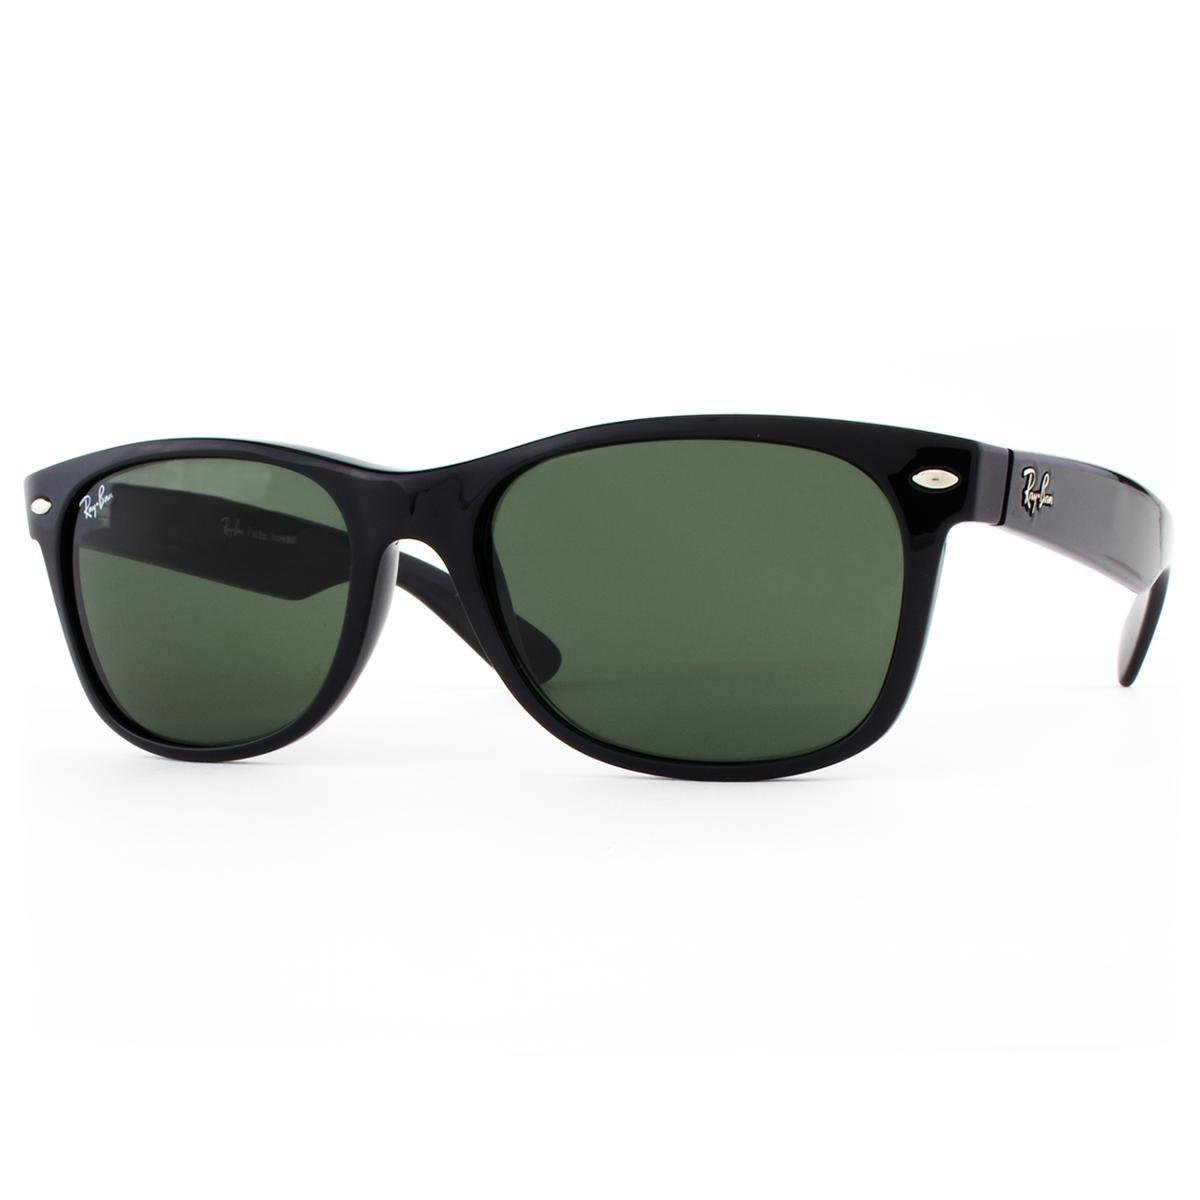 ... Óculos de Sol Ray Ban New Wayfarer Classic RB2132LL 901L-55 Masculino  ... a430f402c6